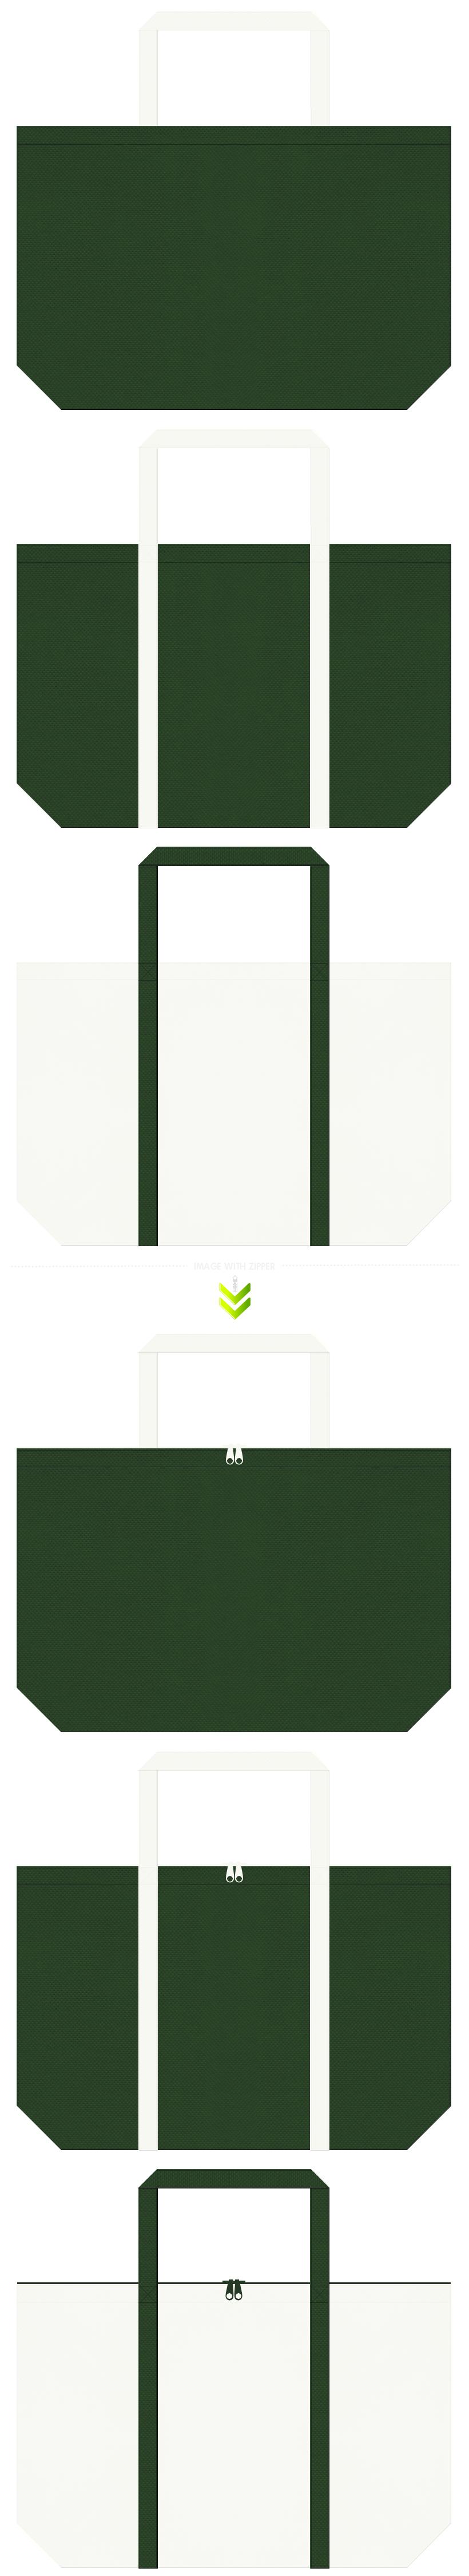 濃緑色とオフホワイト色の不織布エコバッグのデザイン。